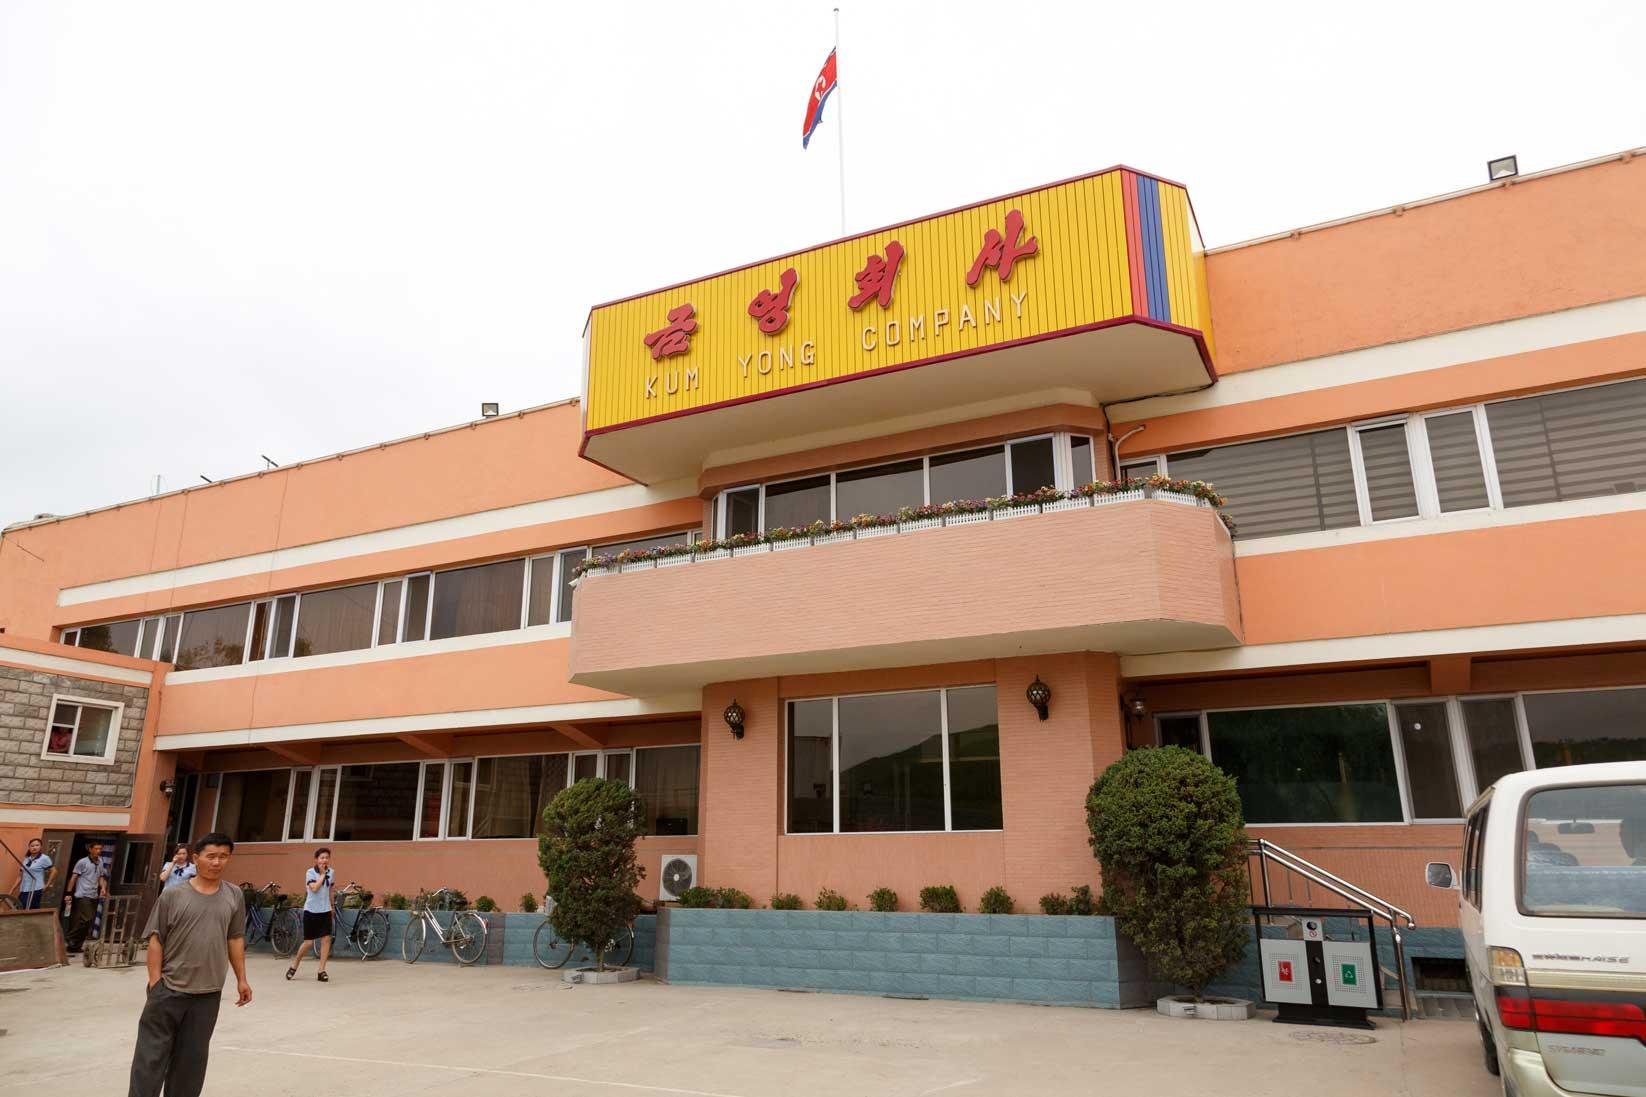 2014年版 北朝鮮のグルメ5泊6日のすべて【後編】_b0235153_23467100.jpg